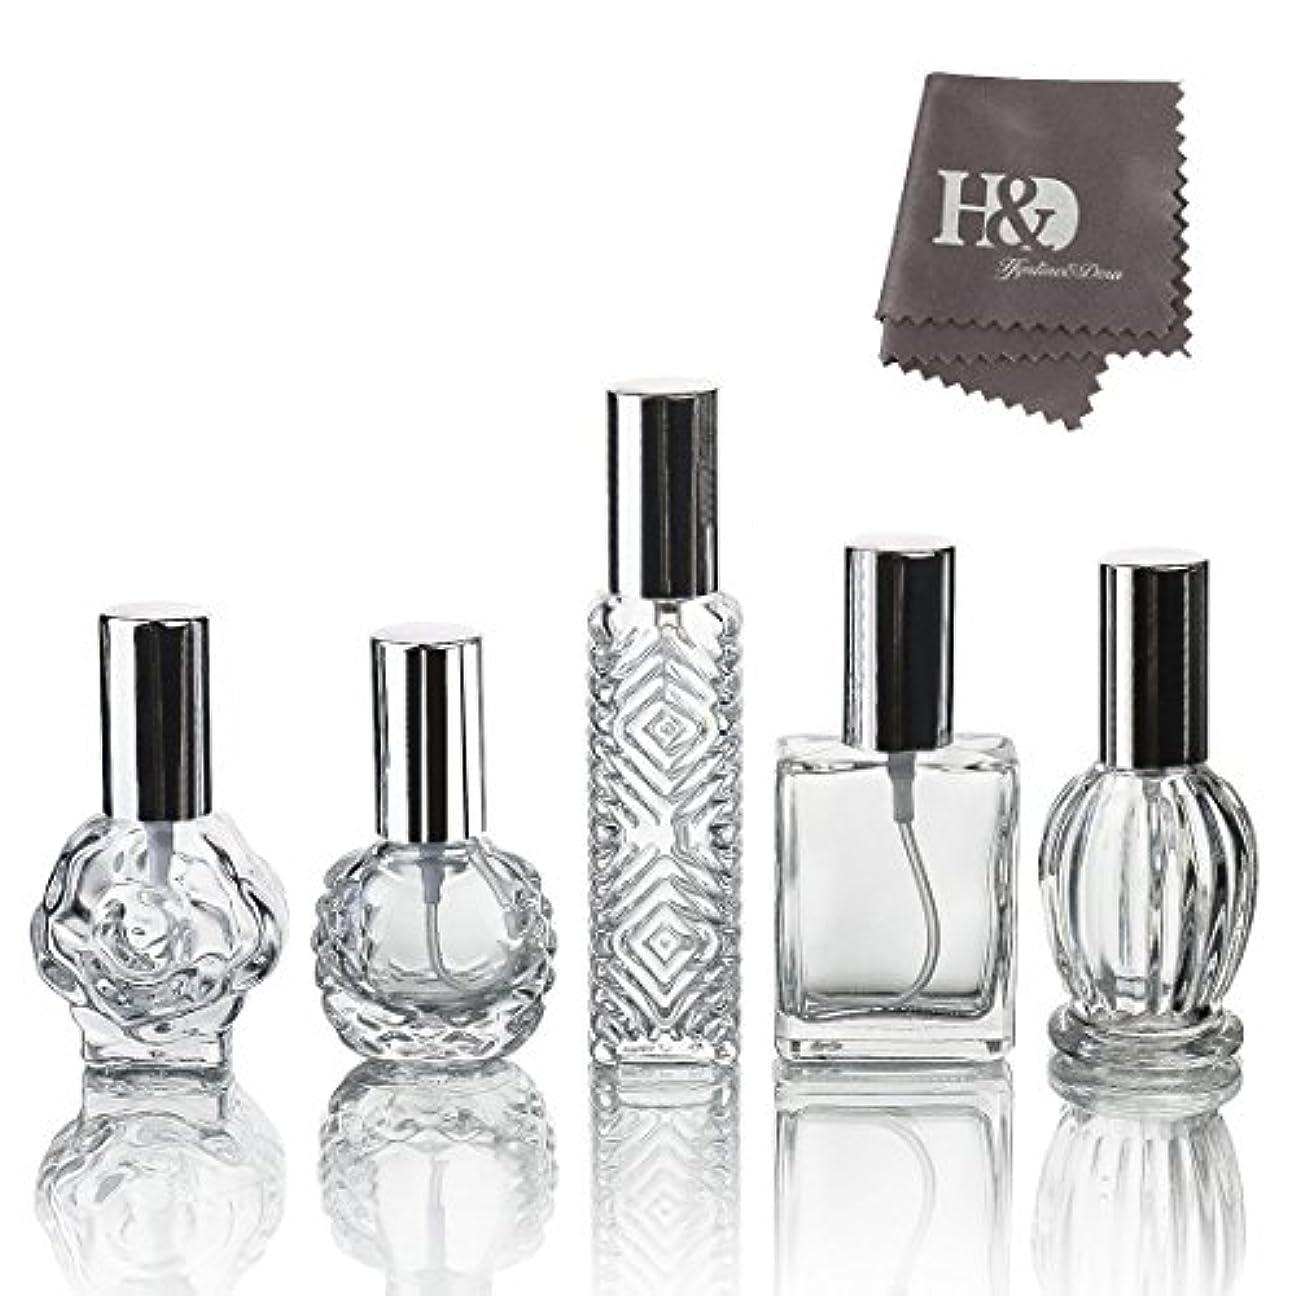 大破小切手送金H&D 5枚セット ガラスボトル 香水瓶 詰替用瓶 分け瓶 旅行用品 化粧水用瓶 装飾雑貨 ガラス製 (2)